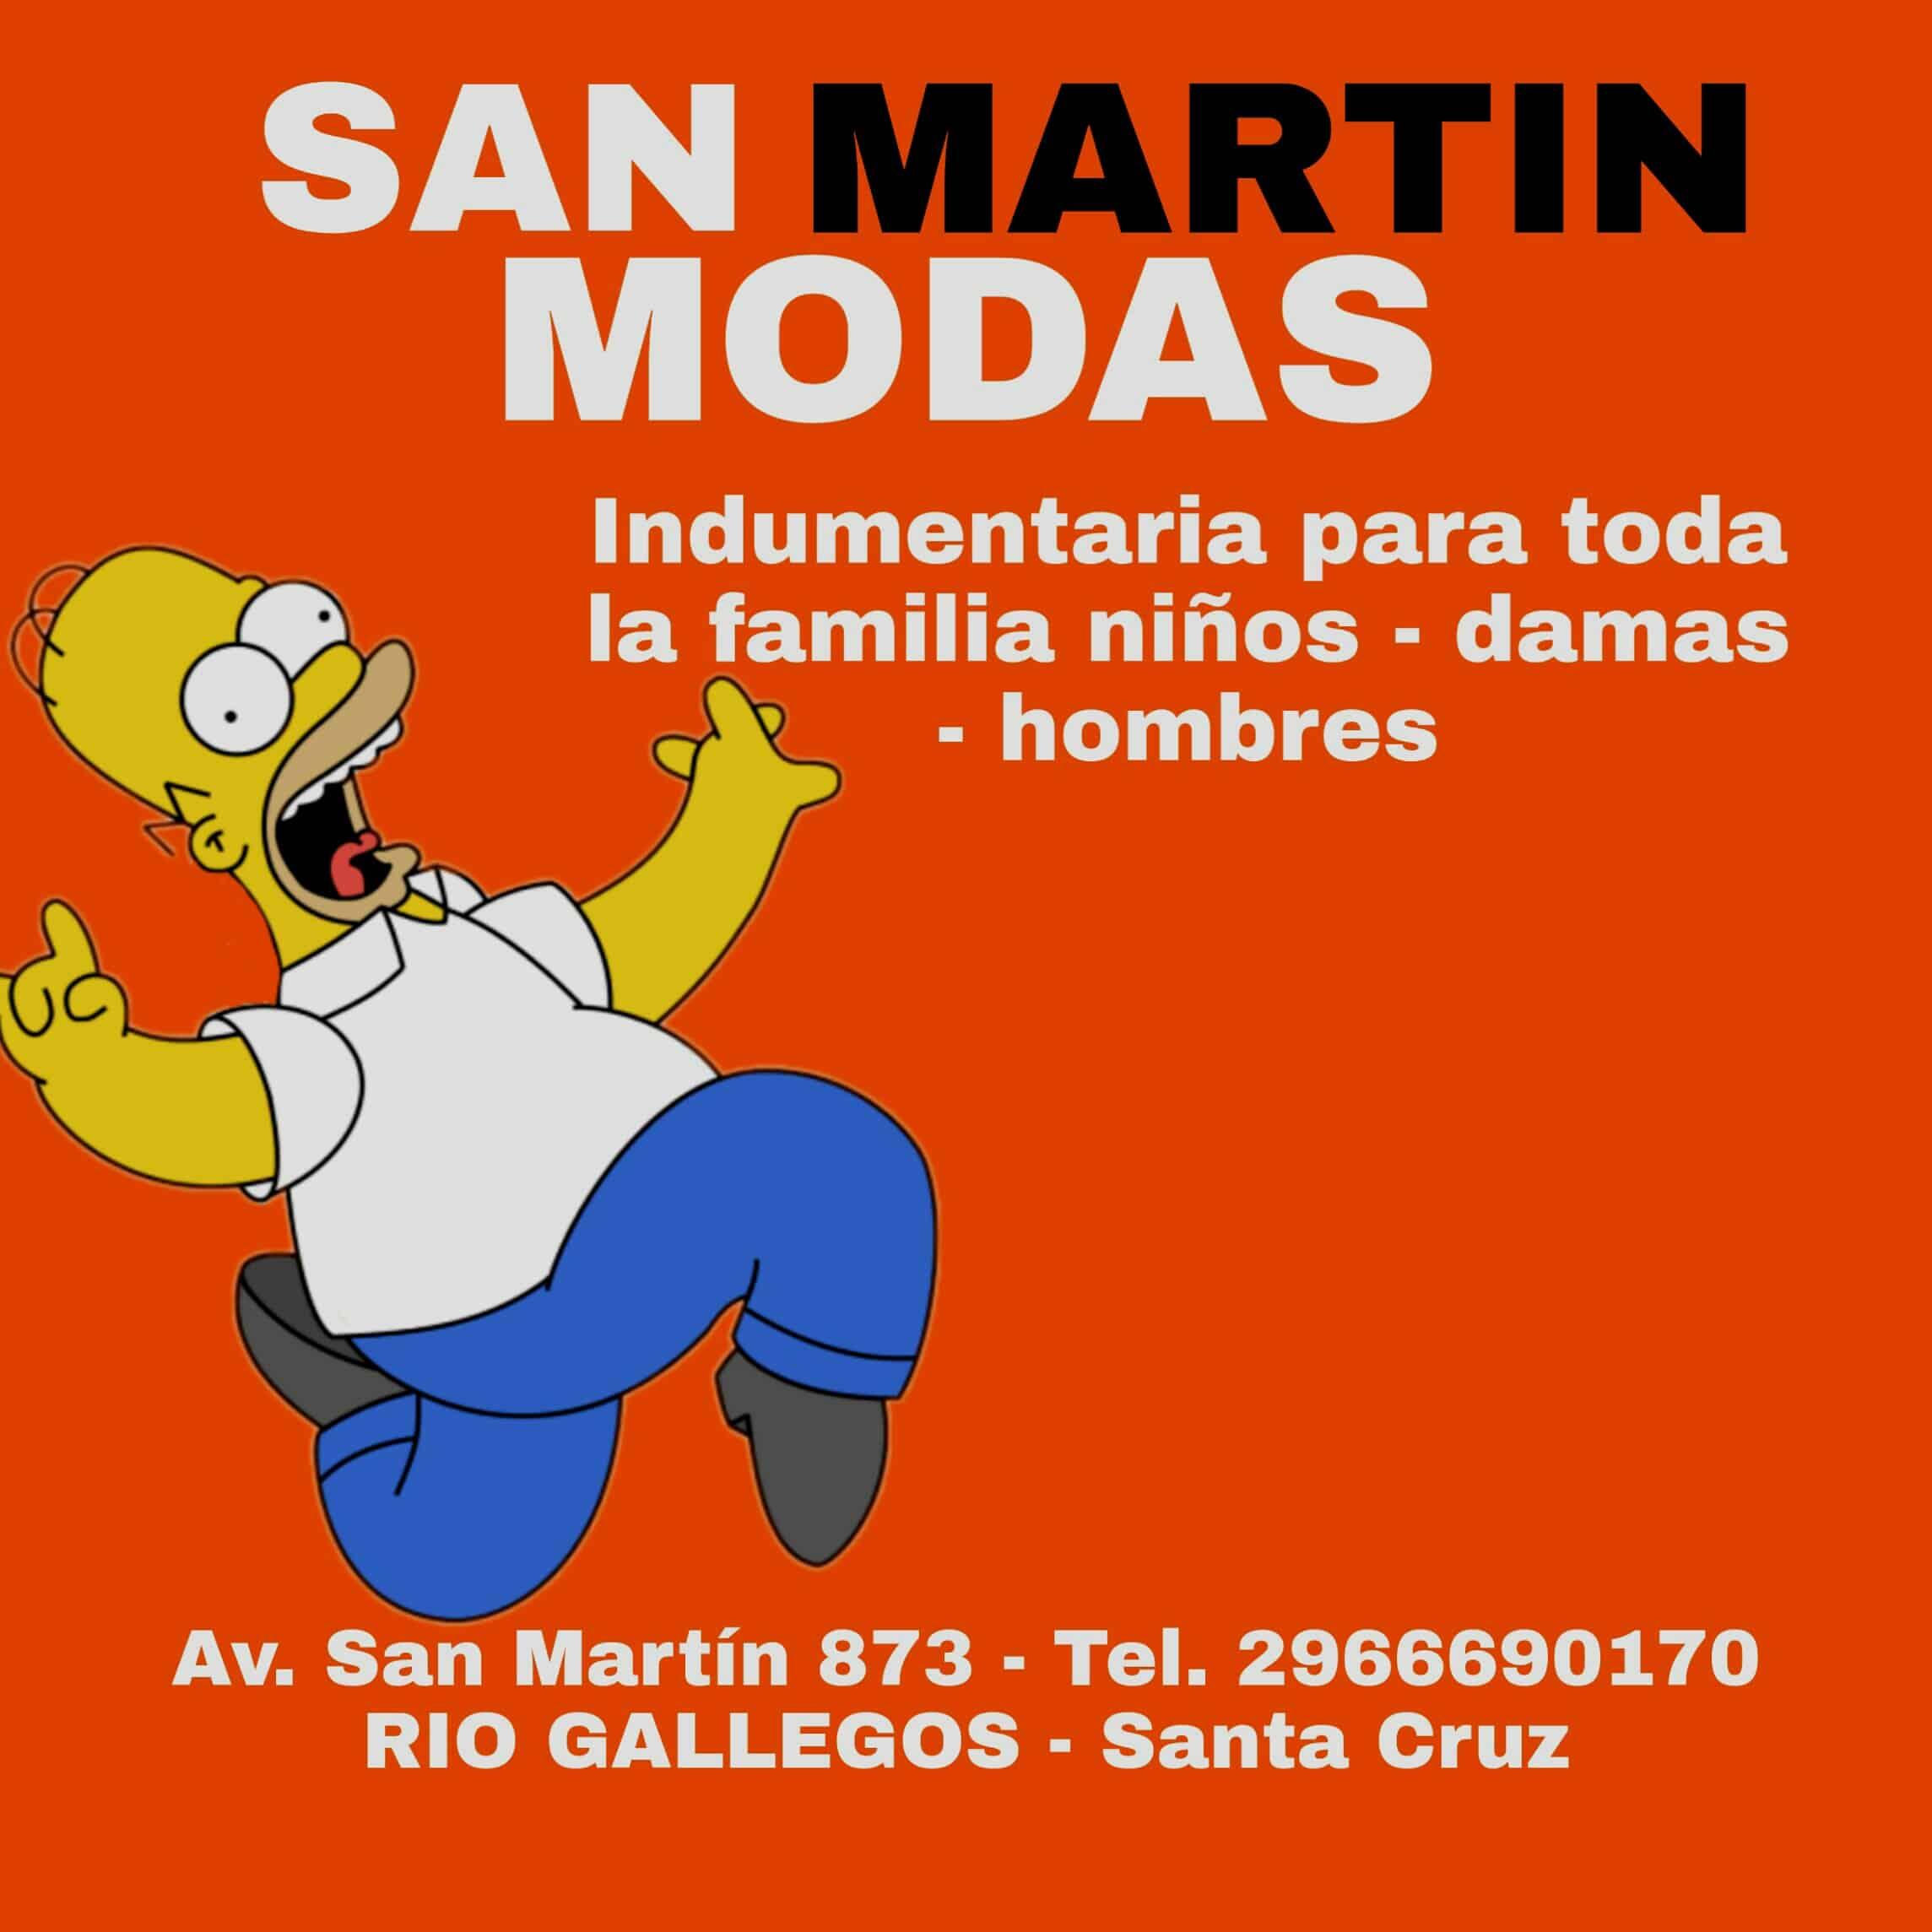 SAN MARTIN MODAS